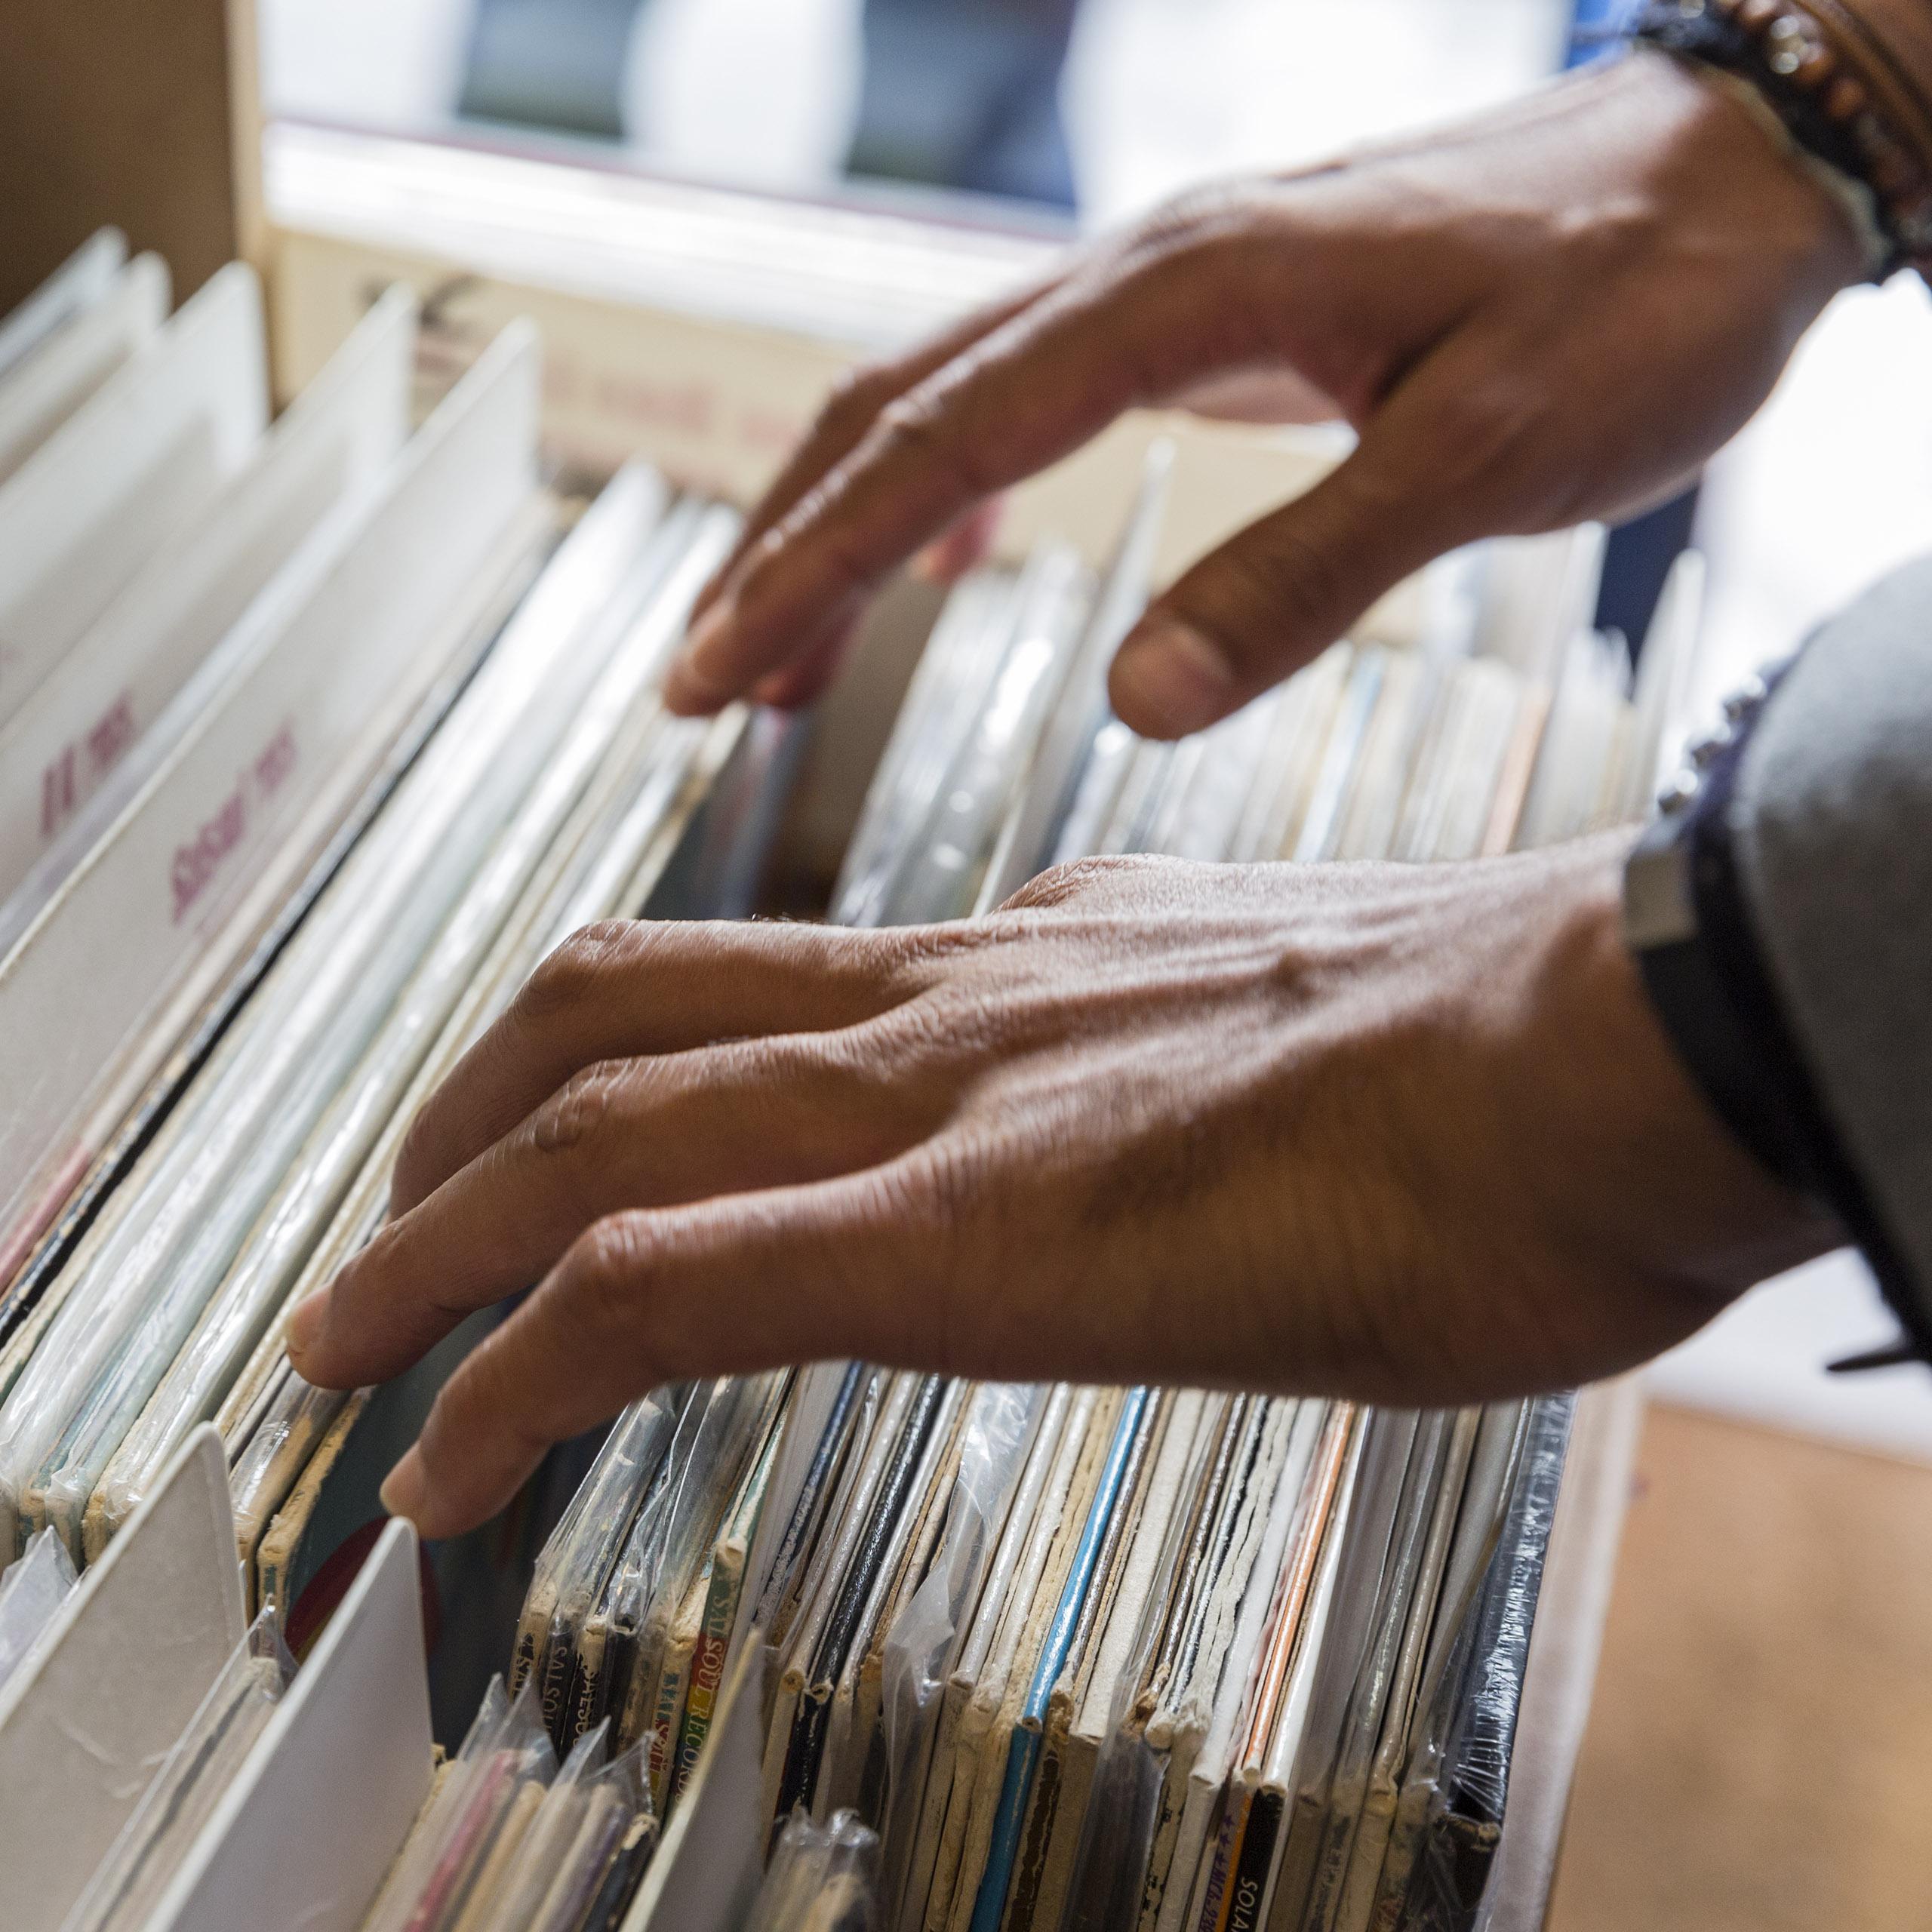 Paris – Antoine, Vinyl Culture of Paris 2